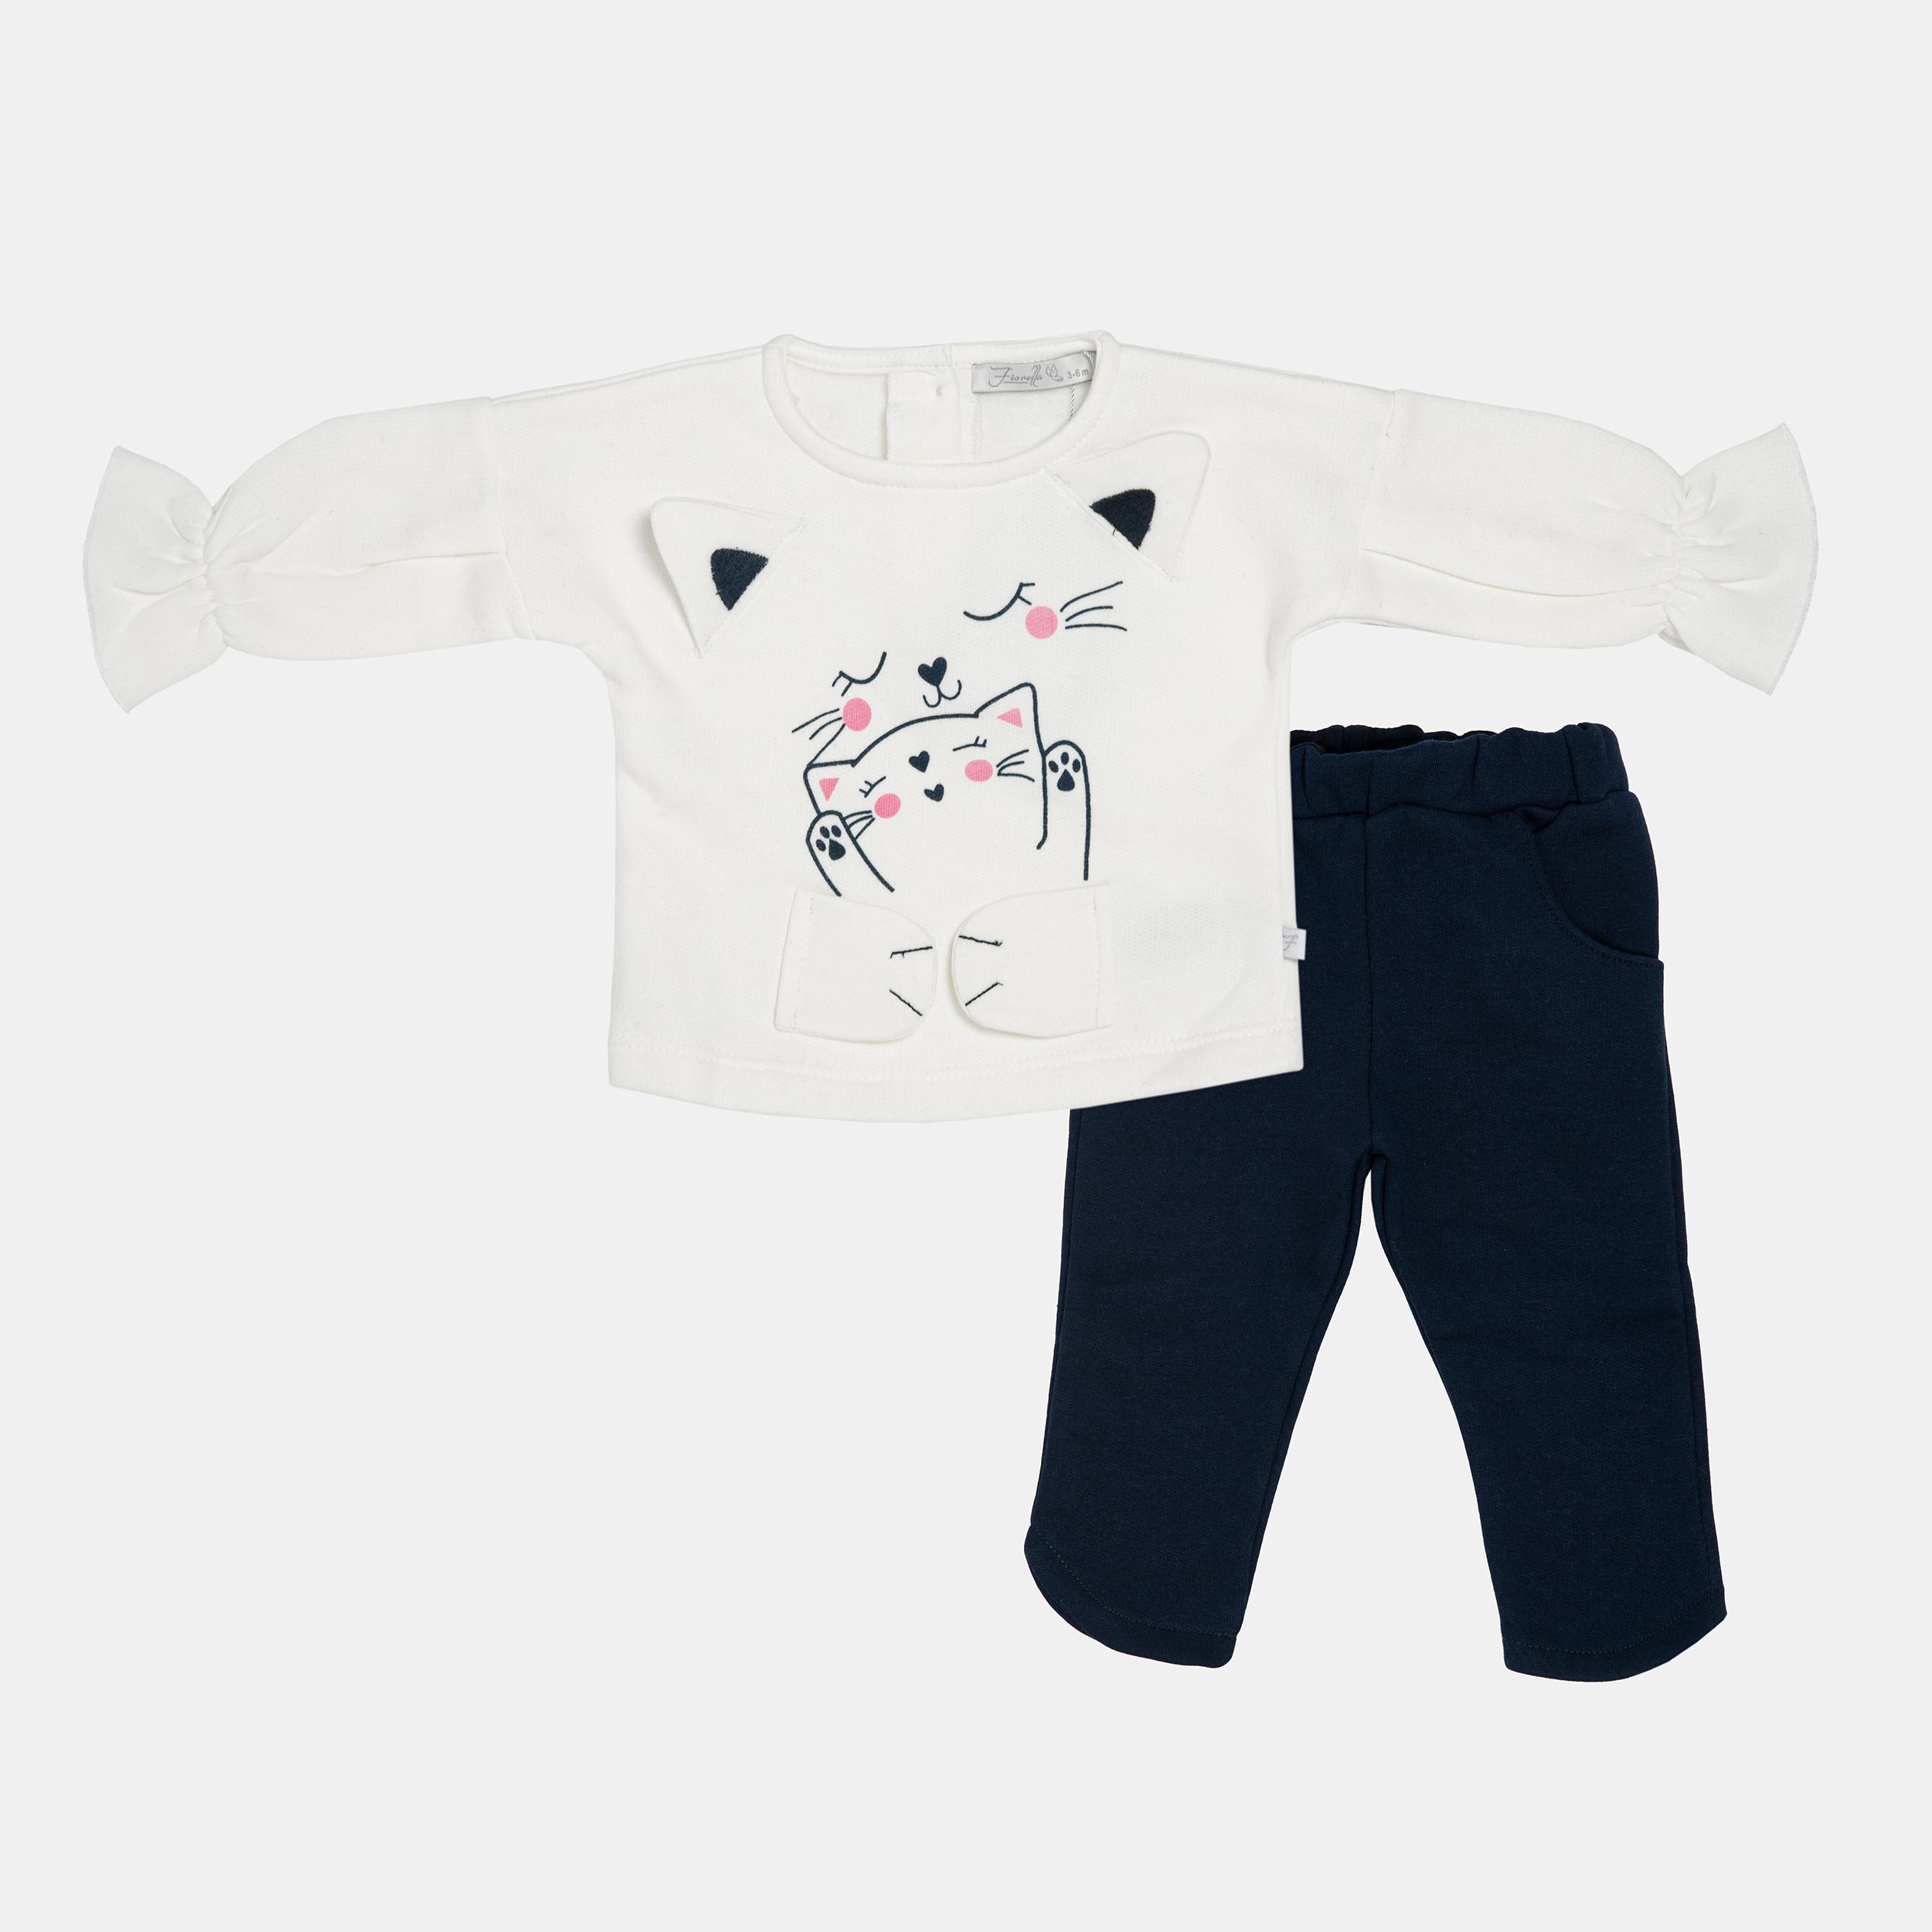 ست بلوز و شلوار نوزادی دخترانه فیورلا کد 20515